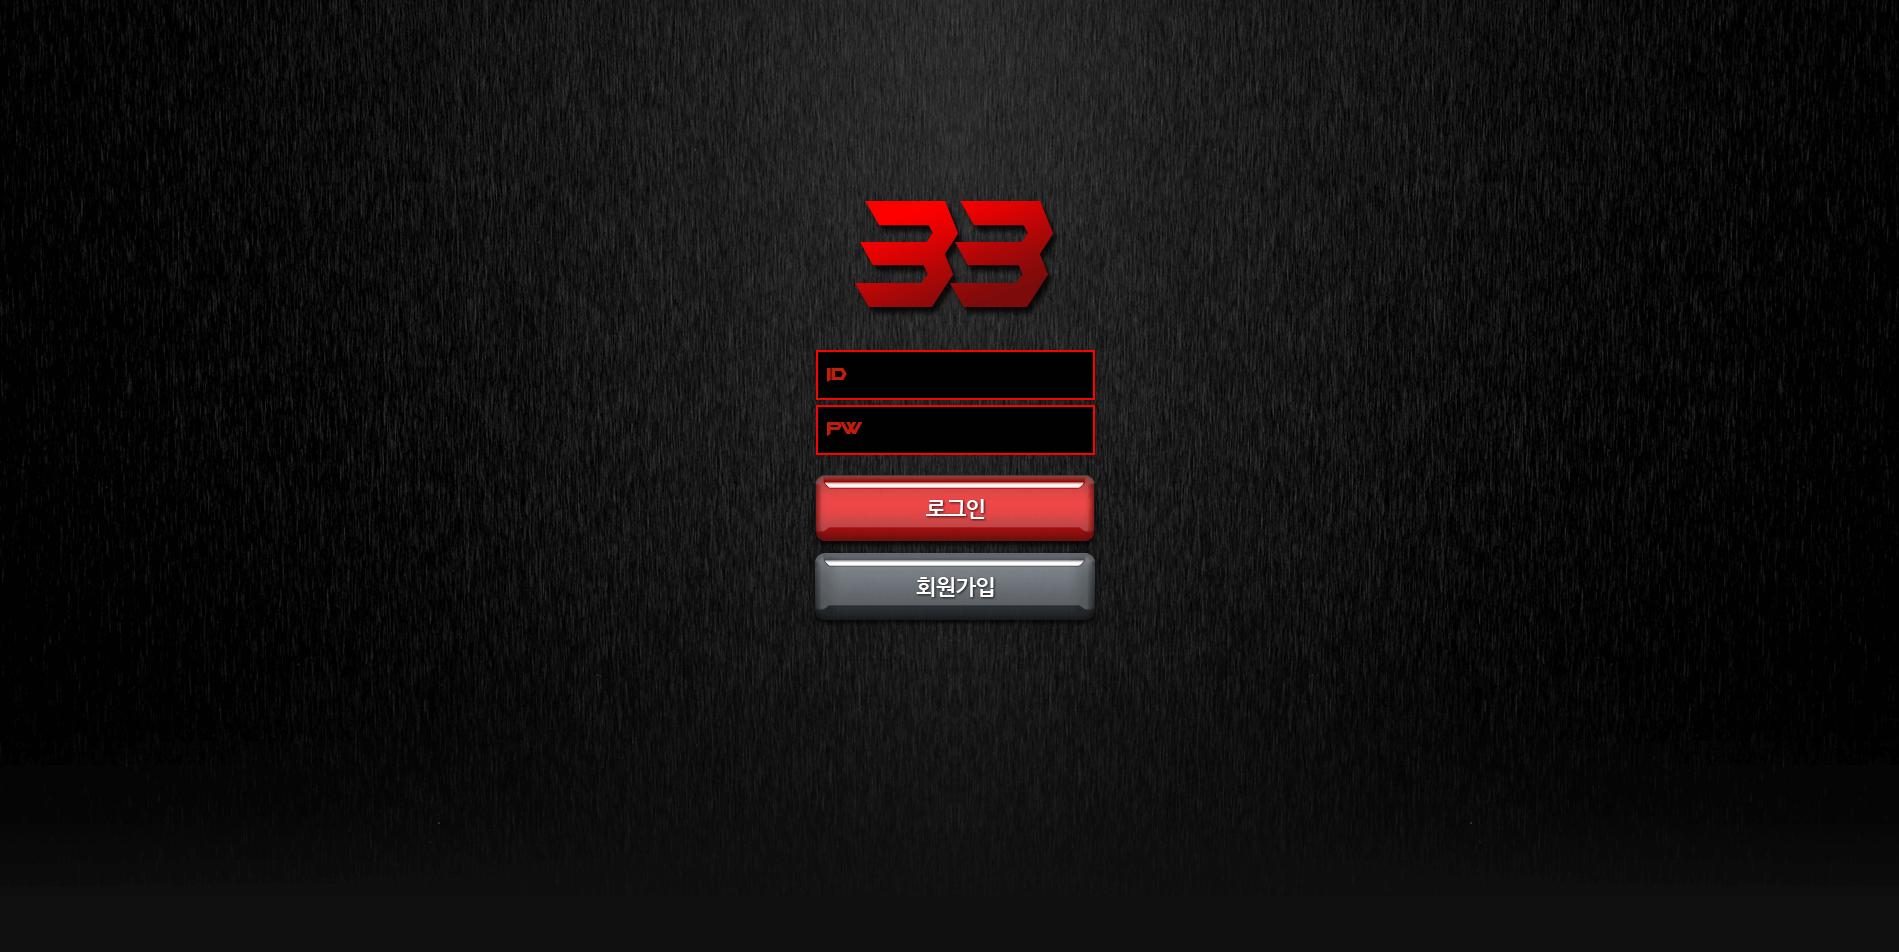 [먹튀사이트]33먹튀 삼삼먹튀 2020-33.com 먹튀검증 토토먹튀 토토검증 토토사이트 먹튀검증사이트